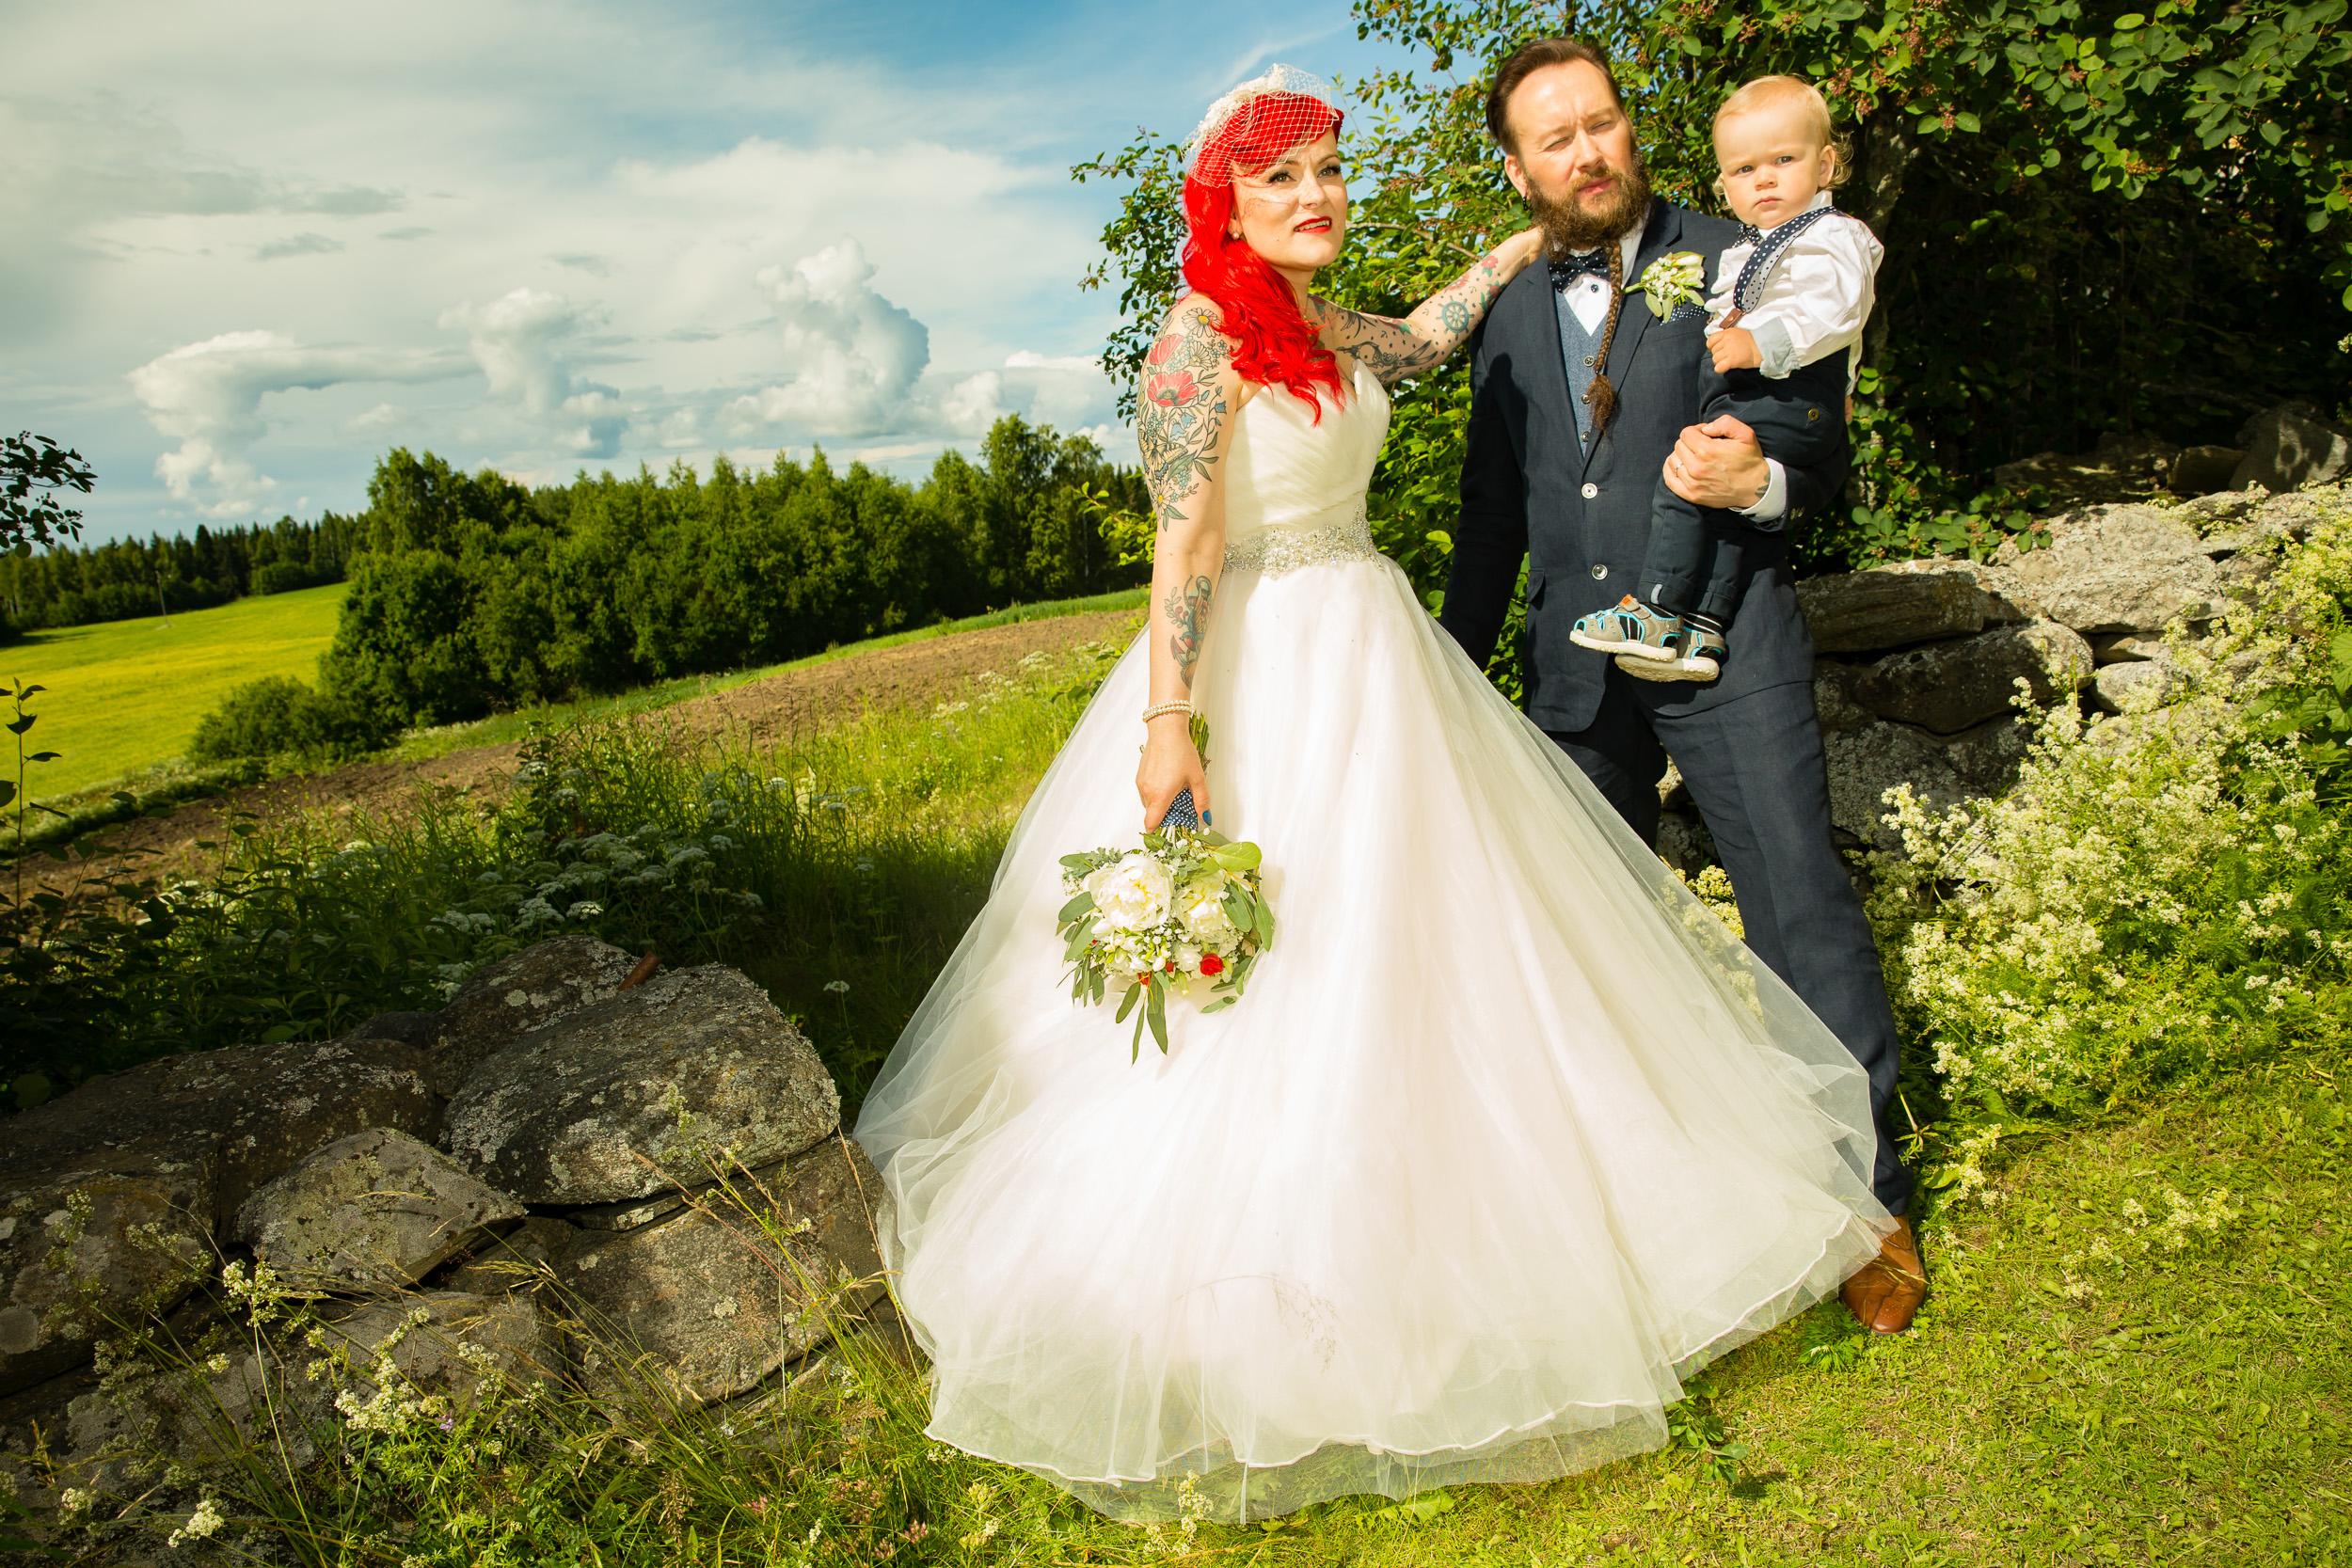 Pirjo <3 Mika - Wedding photo (hääkuvaus)